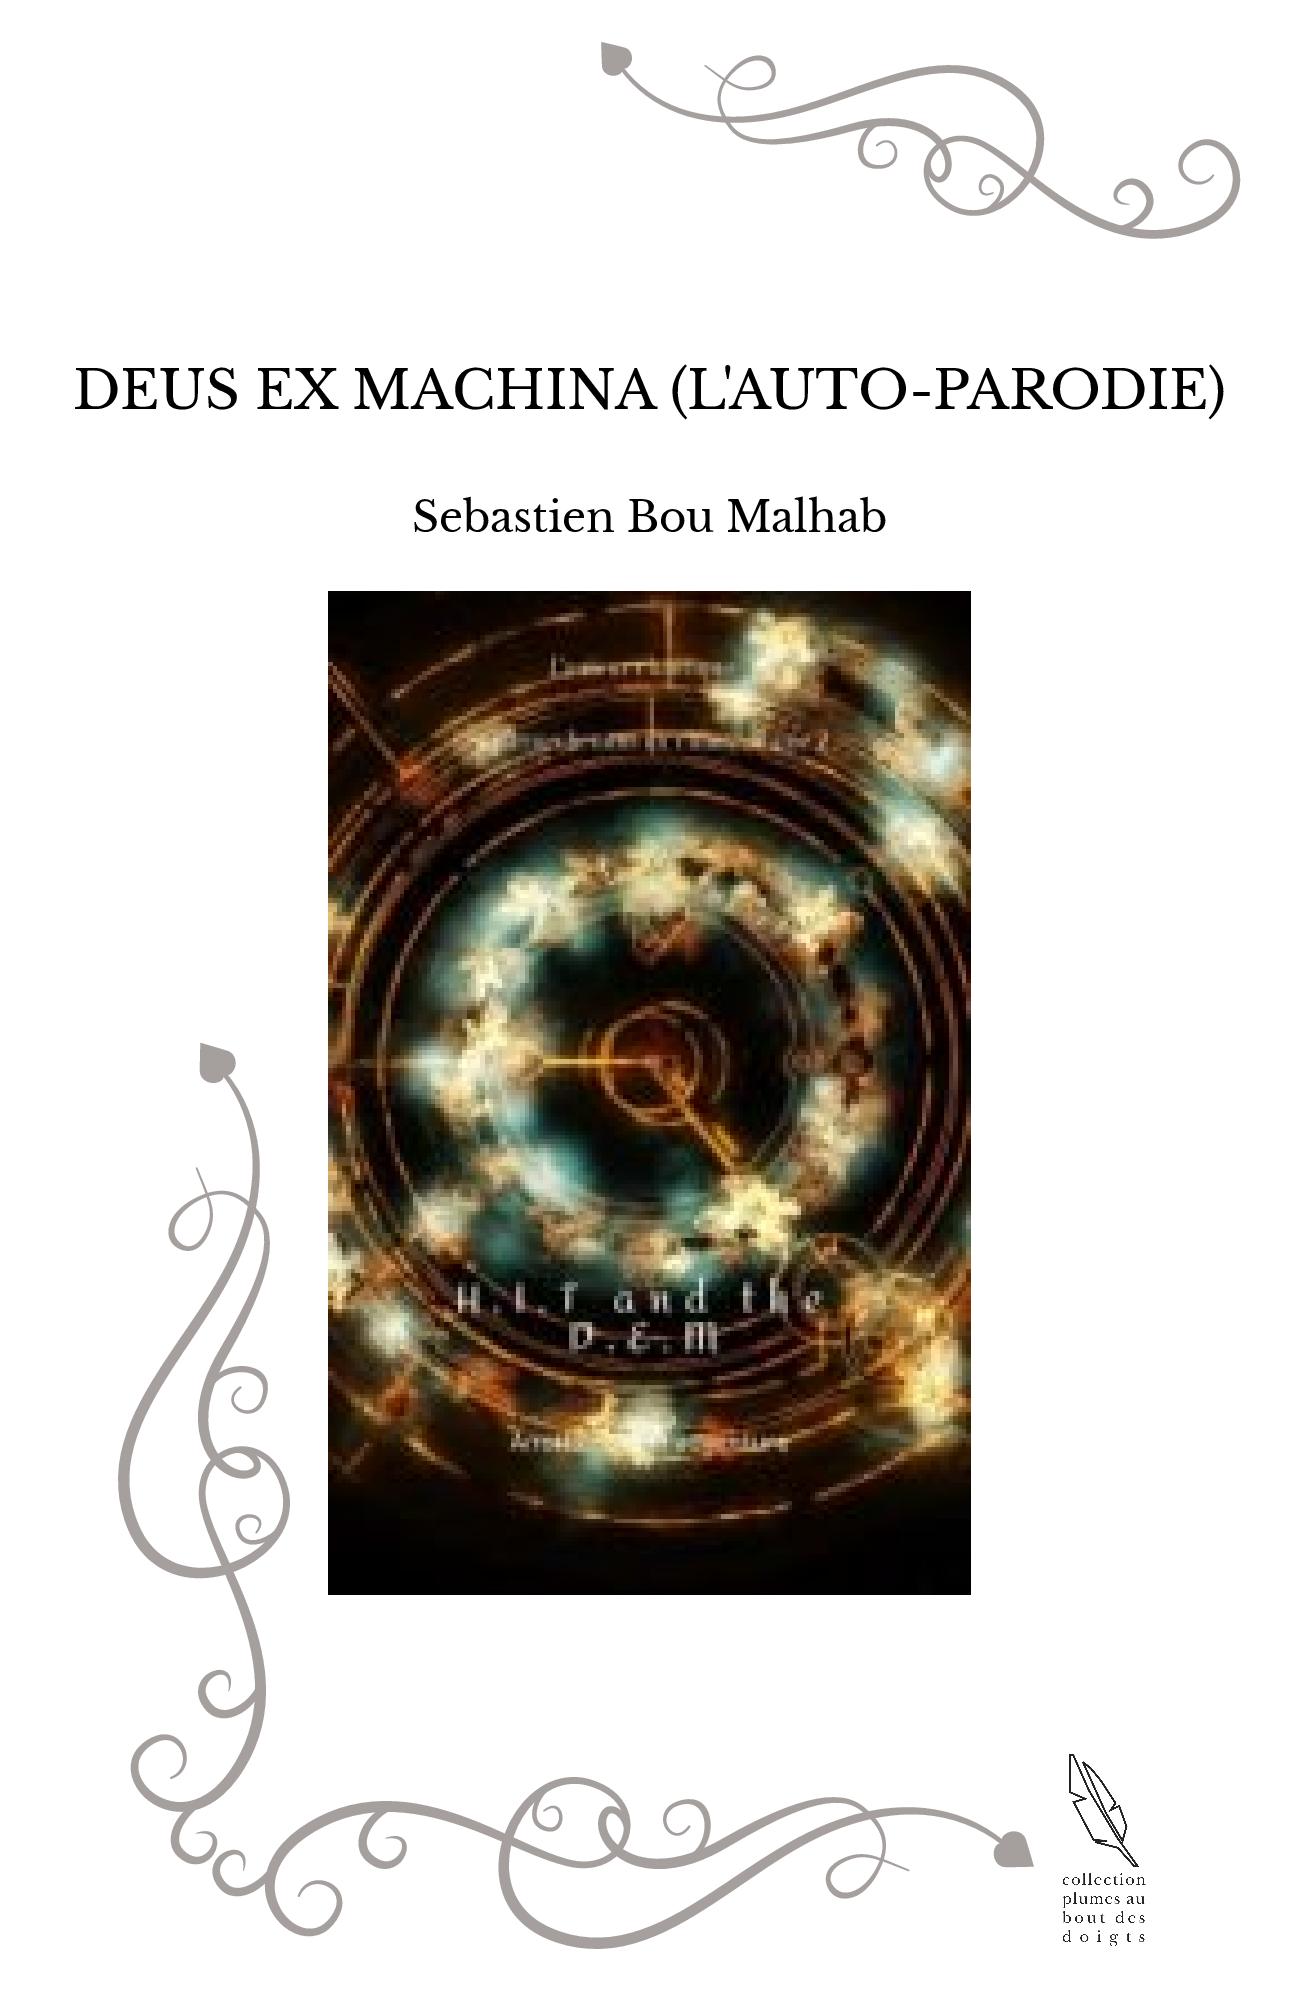 DEUS EX MACHINA (L'AUTO-PARODIE)